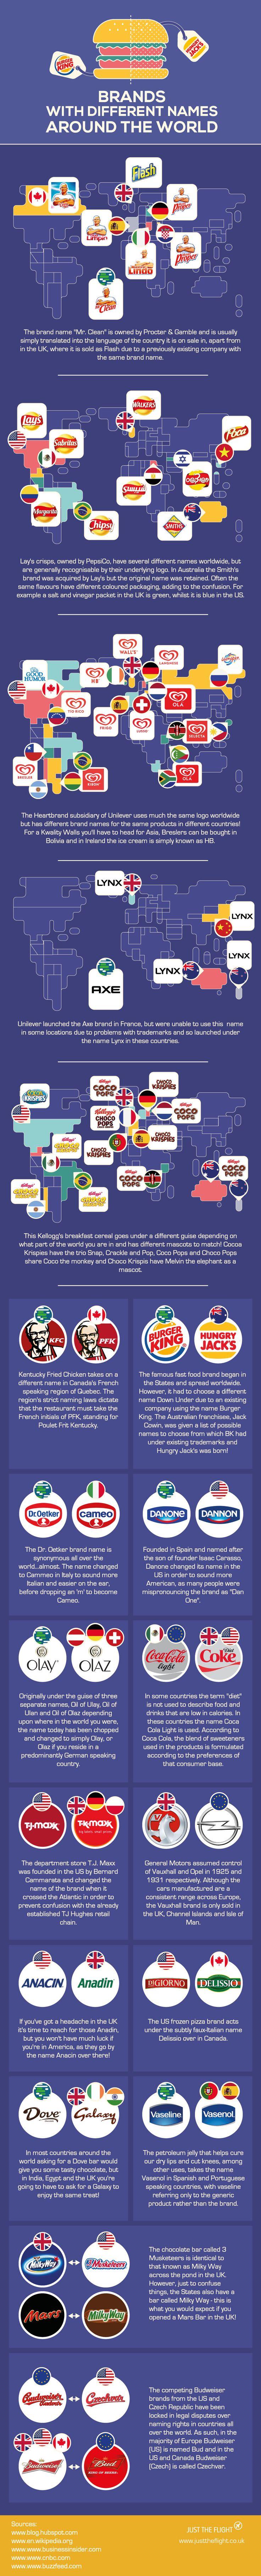 Farklı Ülkelerde Farklı İsimleri Olan Markalar